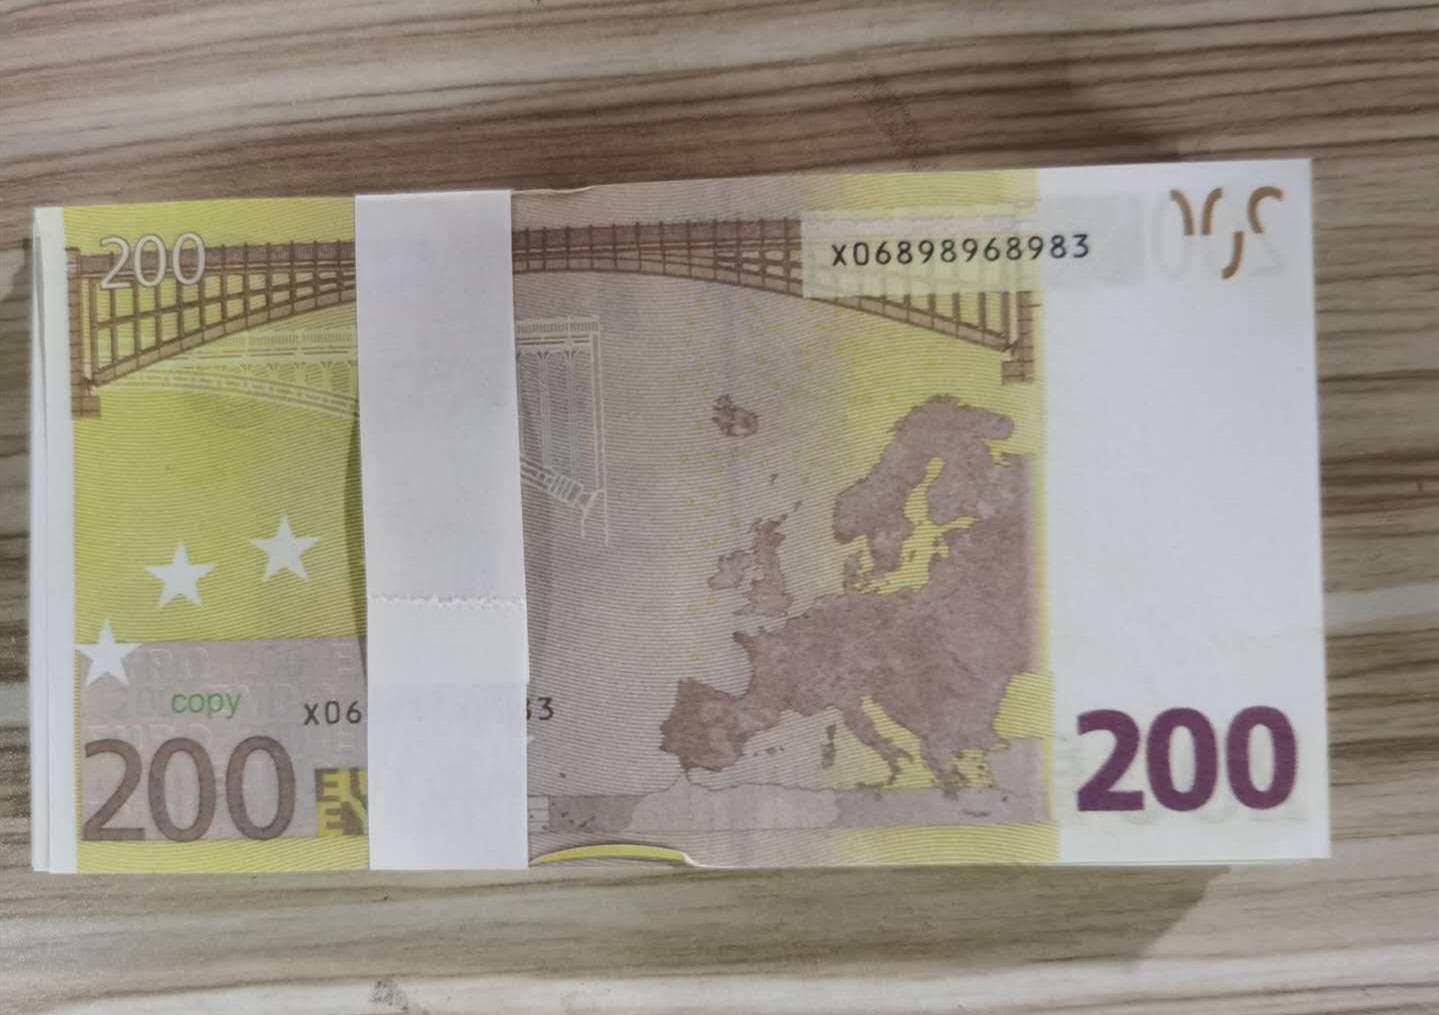 09 Fábrica de simulação de vendas diretas Euro- contas adereços notas DIY moedas adereços jogo para crianças Euro adereços jogo contas